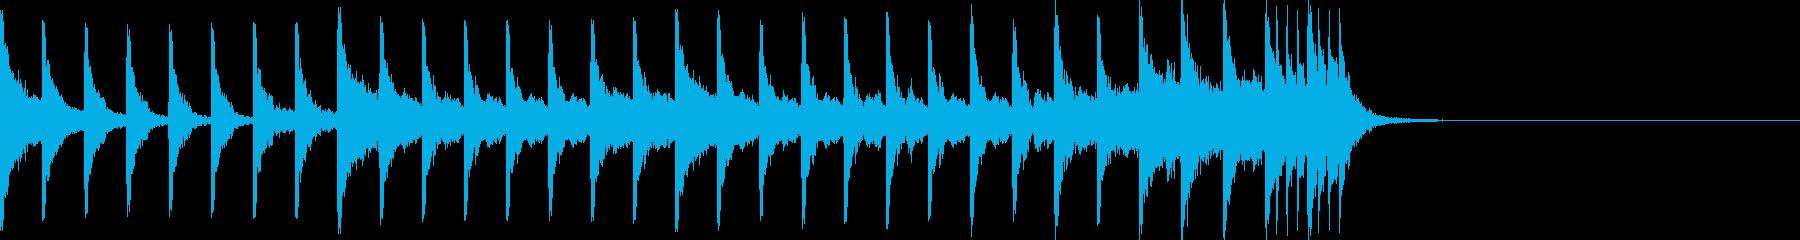 オープニング用)クイズ番組ドキュメンタリの再生済みの波形